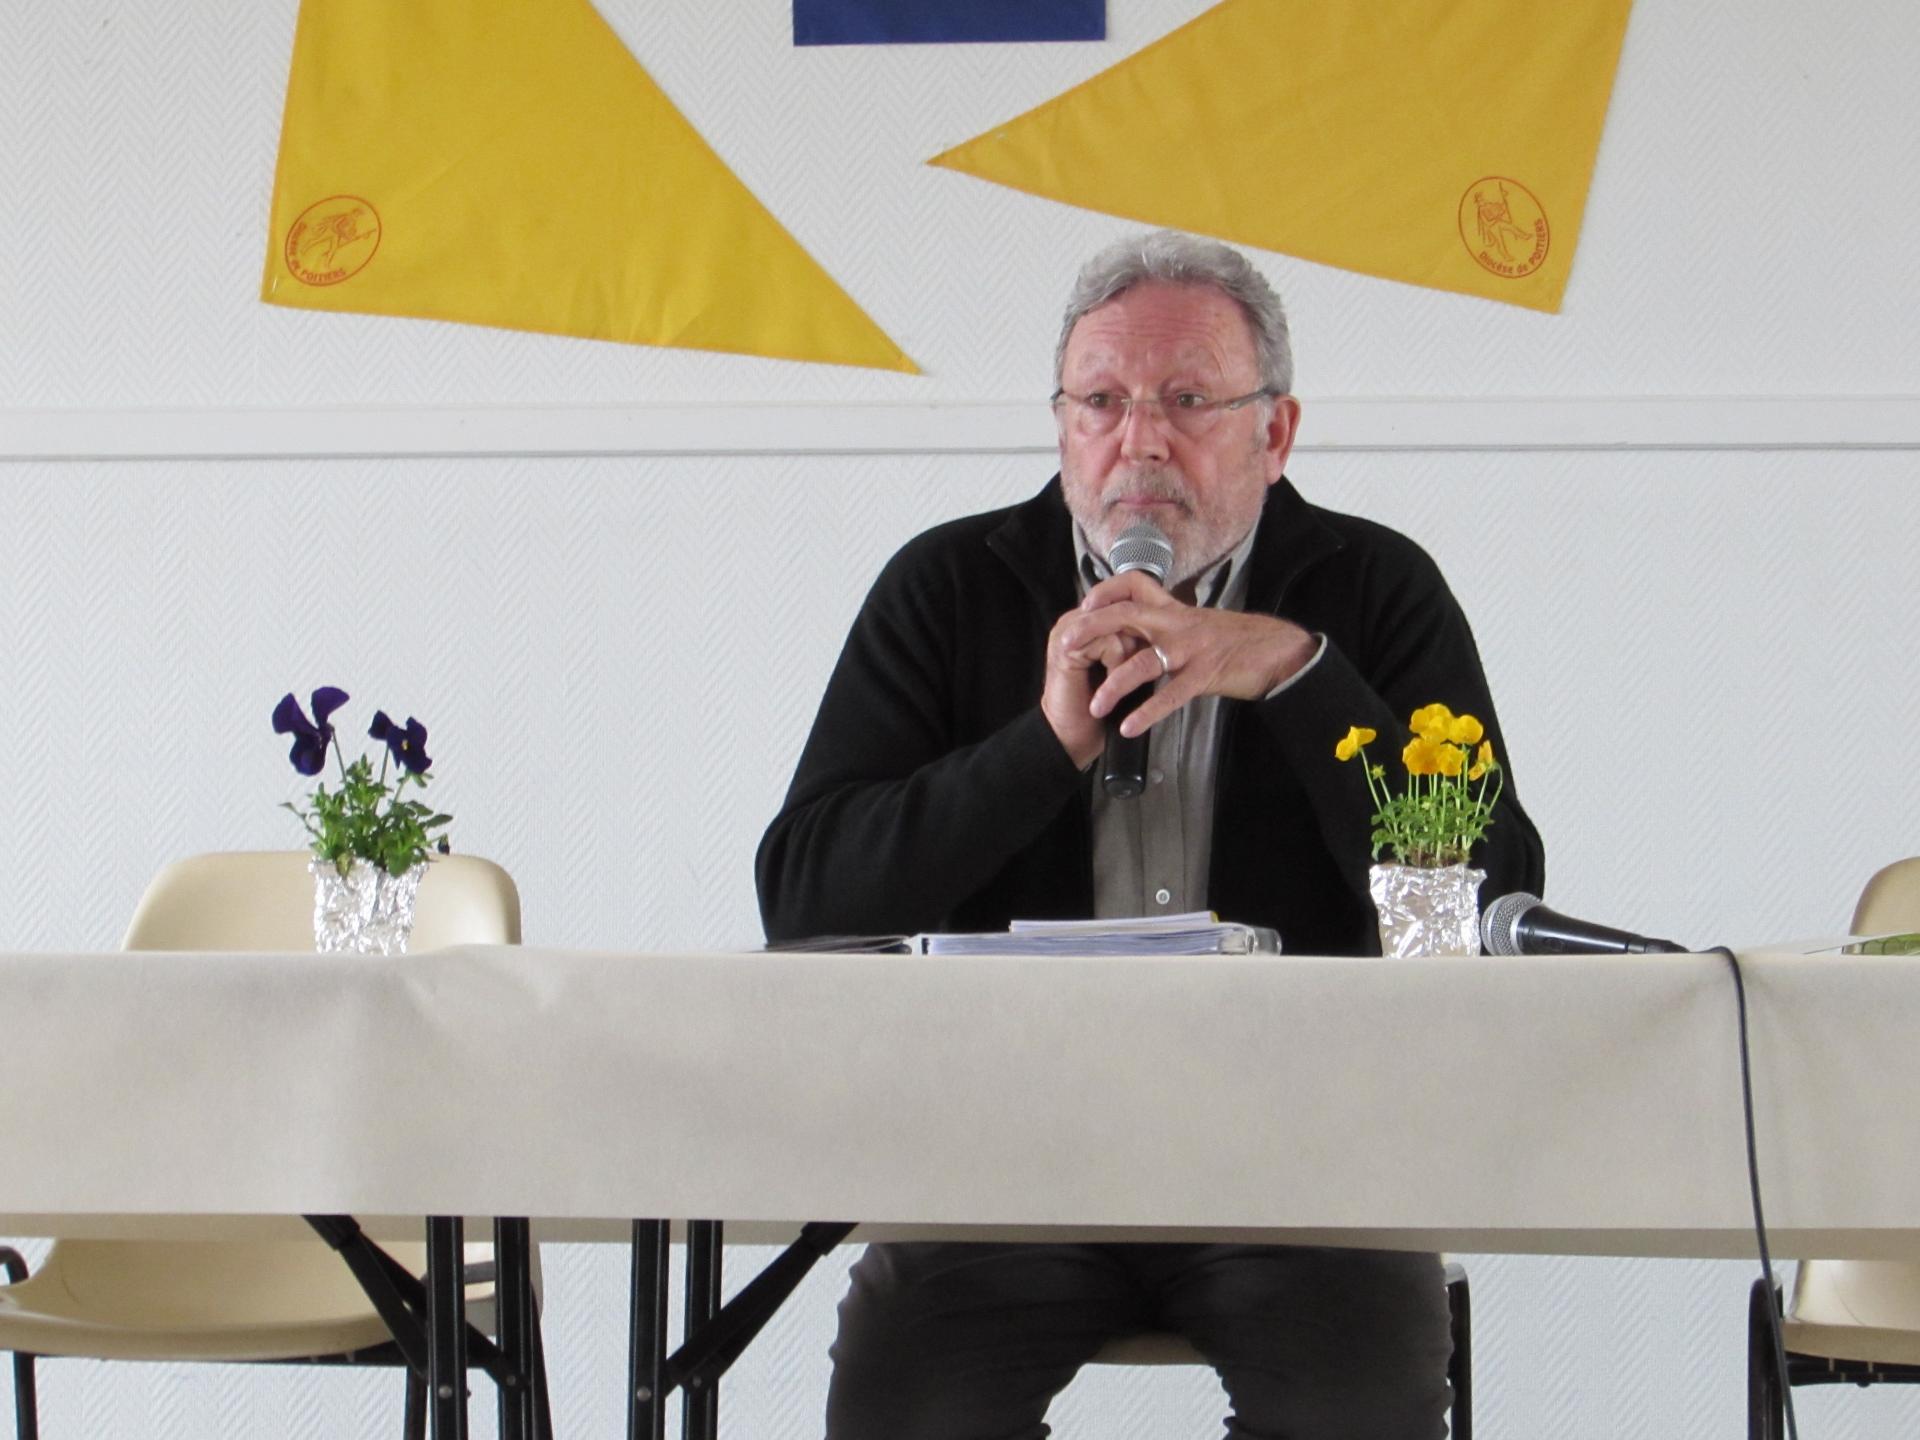 13.Gérard, notre nouveau président